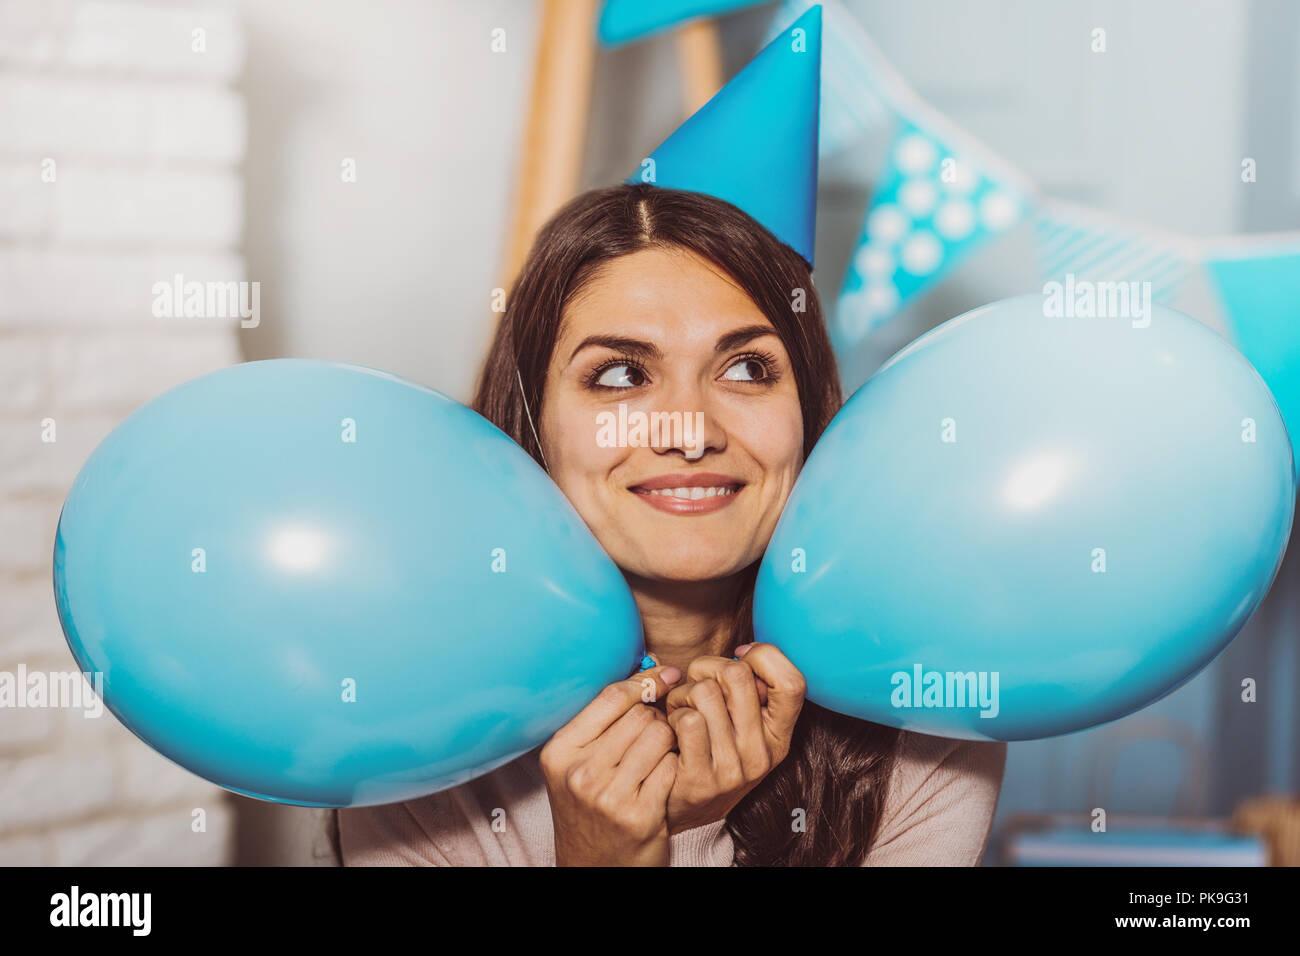 Jolie femme jolly rêver d'anniversaire Banque D'Images